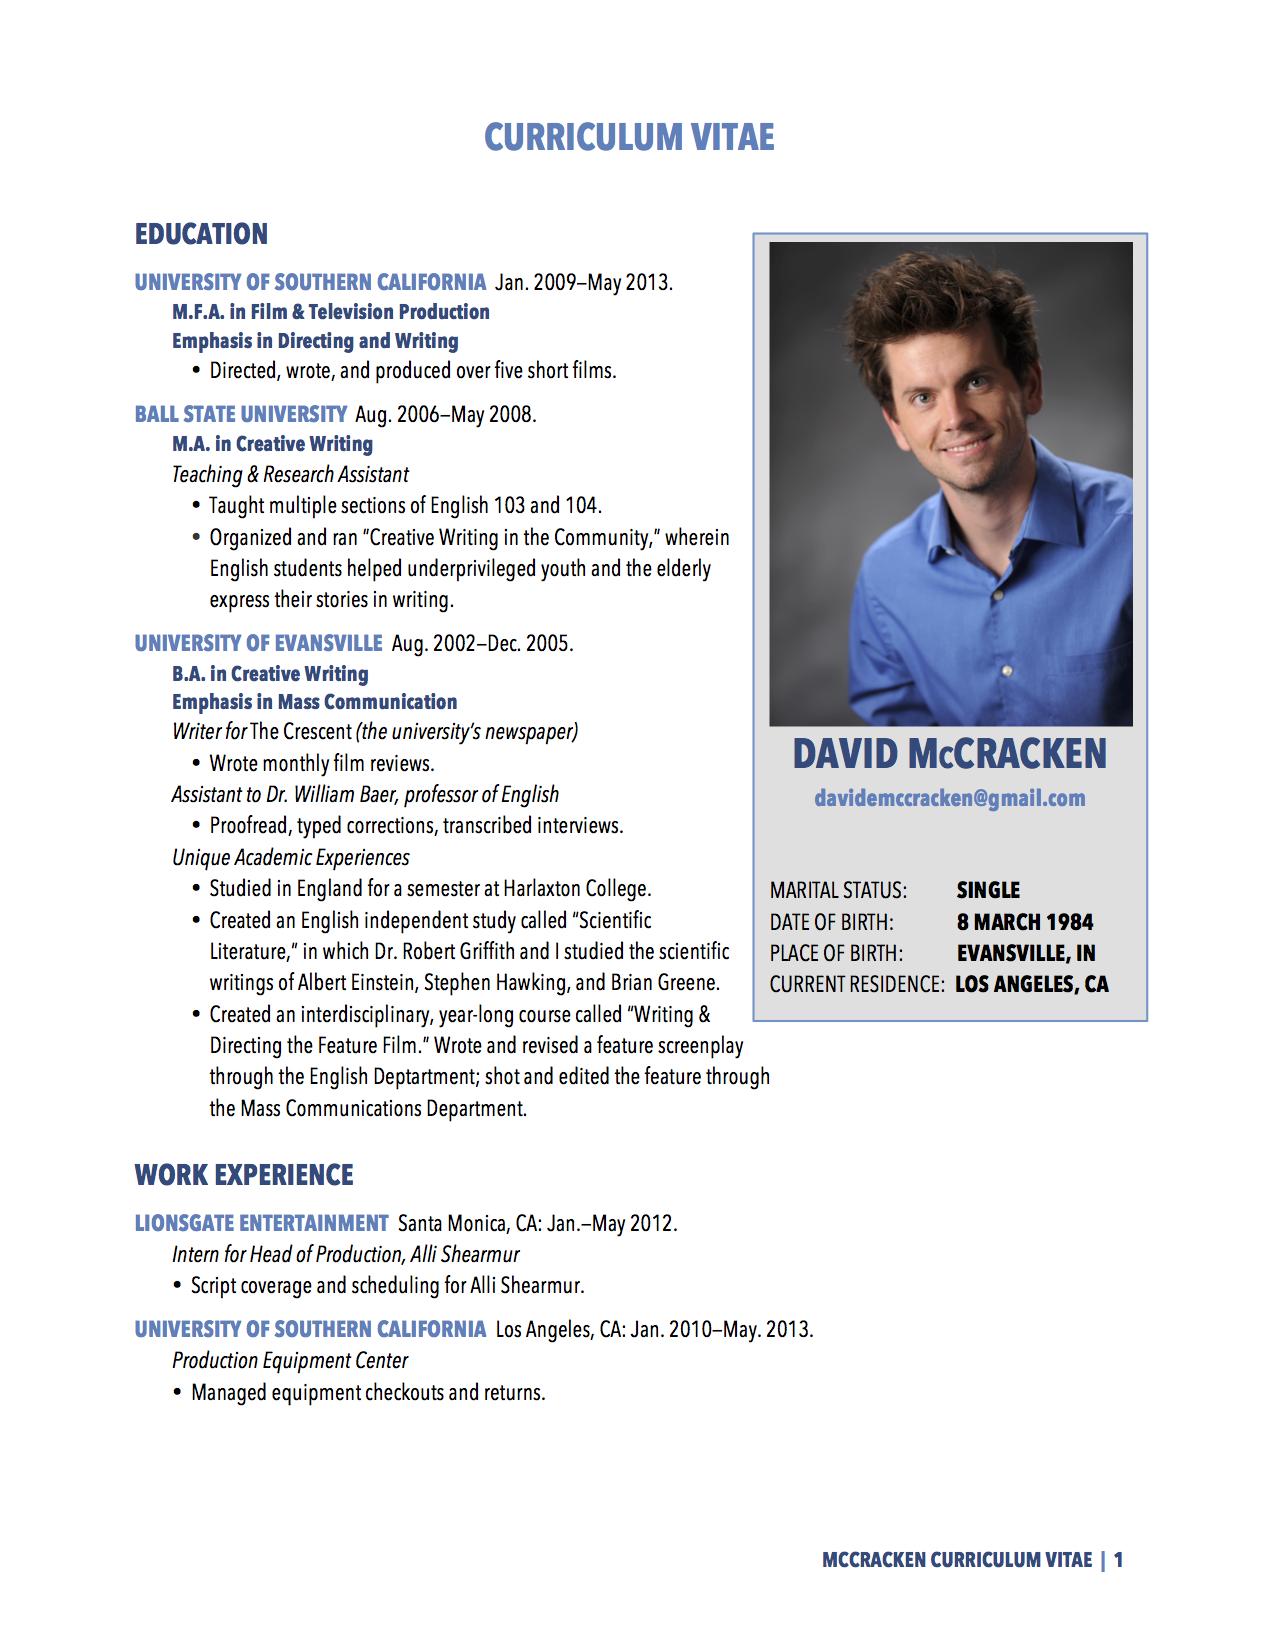 DavidMcCracken_C.V.(01.03.2014)_For Website_(pg1).png